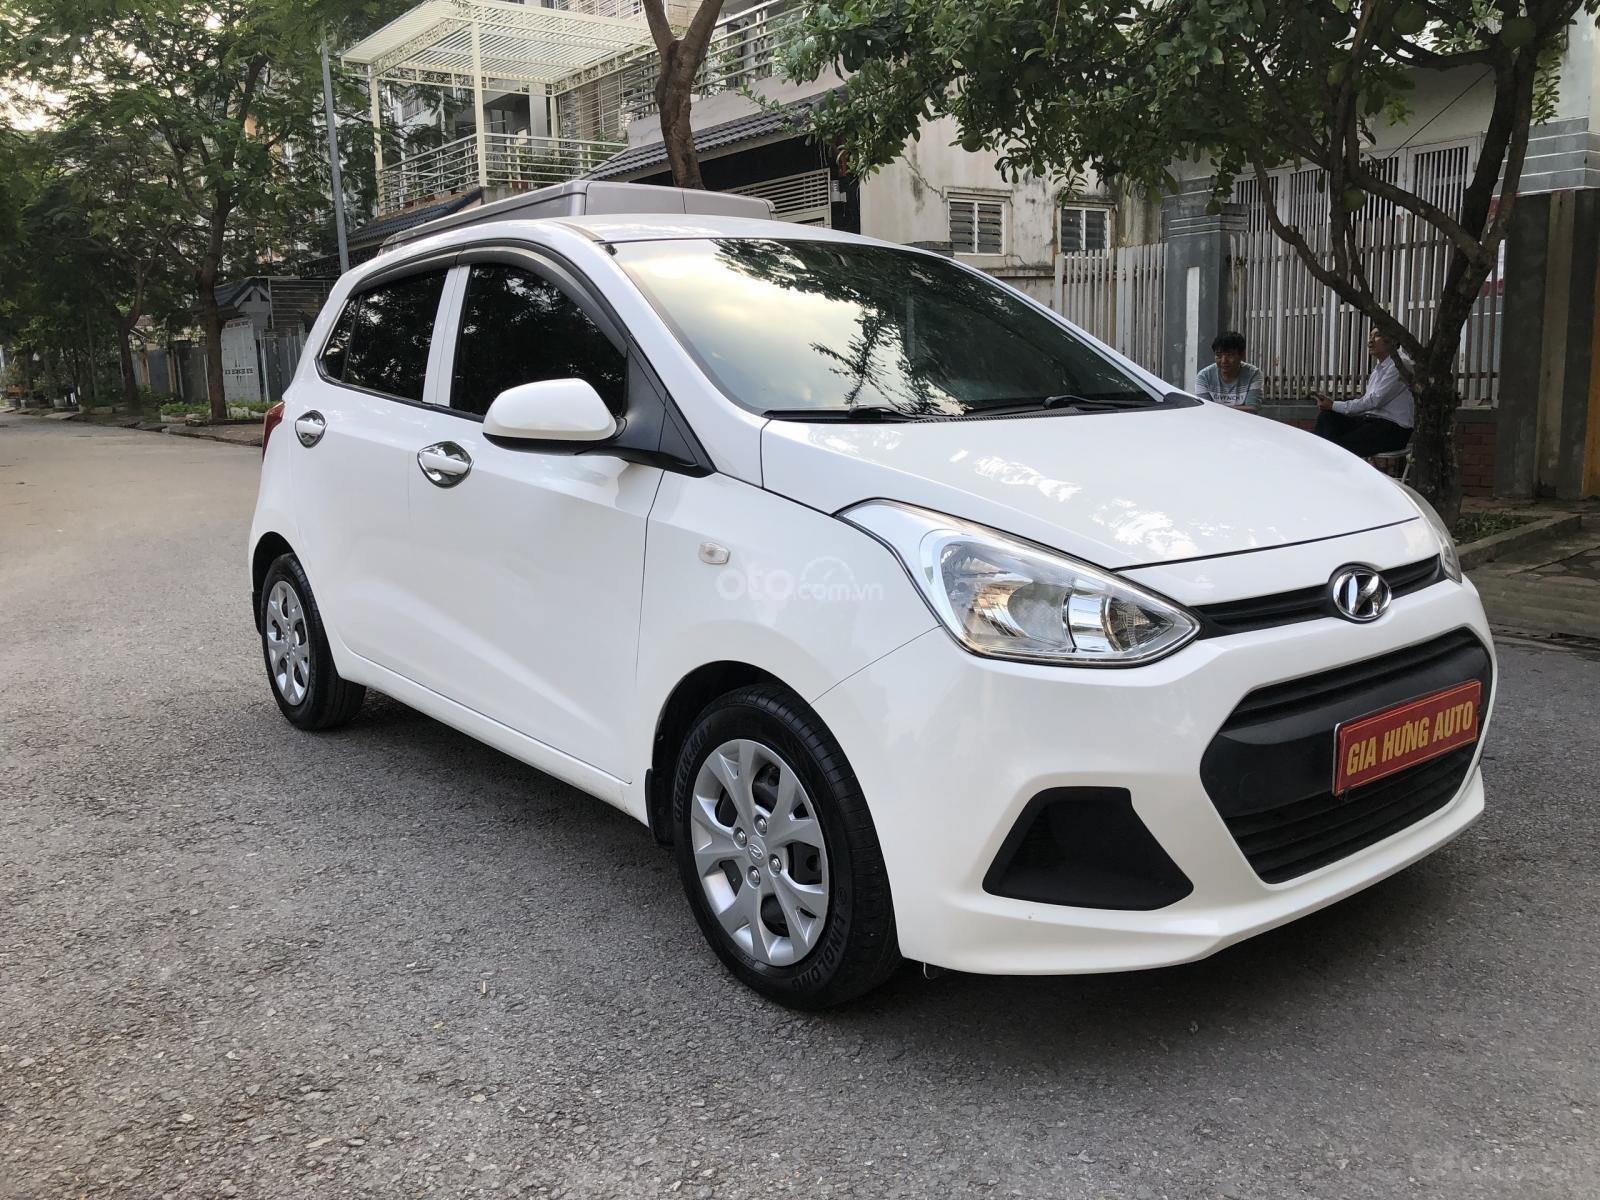 Cần bán lại chiếc xe Hyundai Grand i10 đời 2016, màu trắng, nhập khẩu (1)